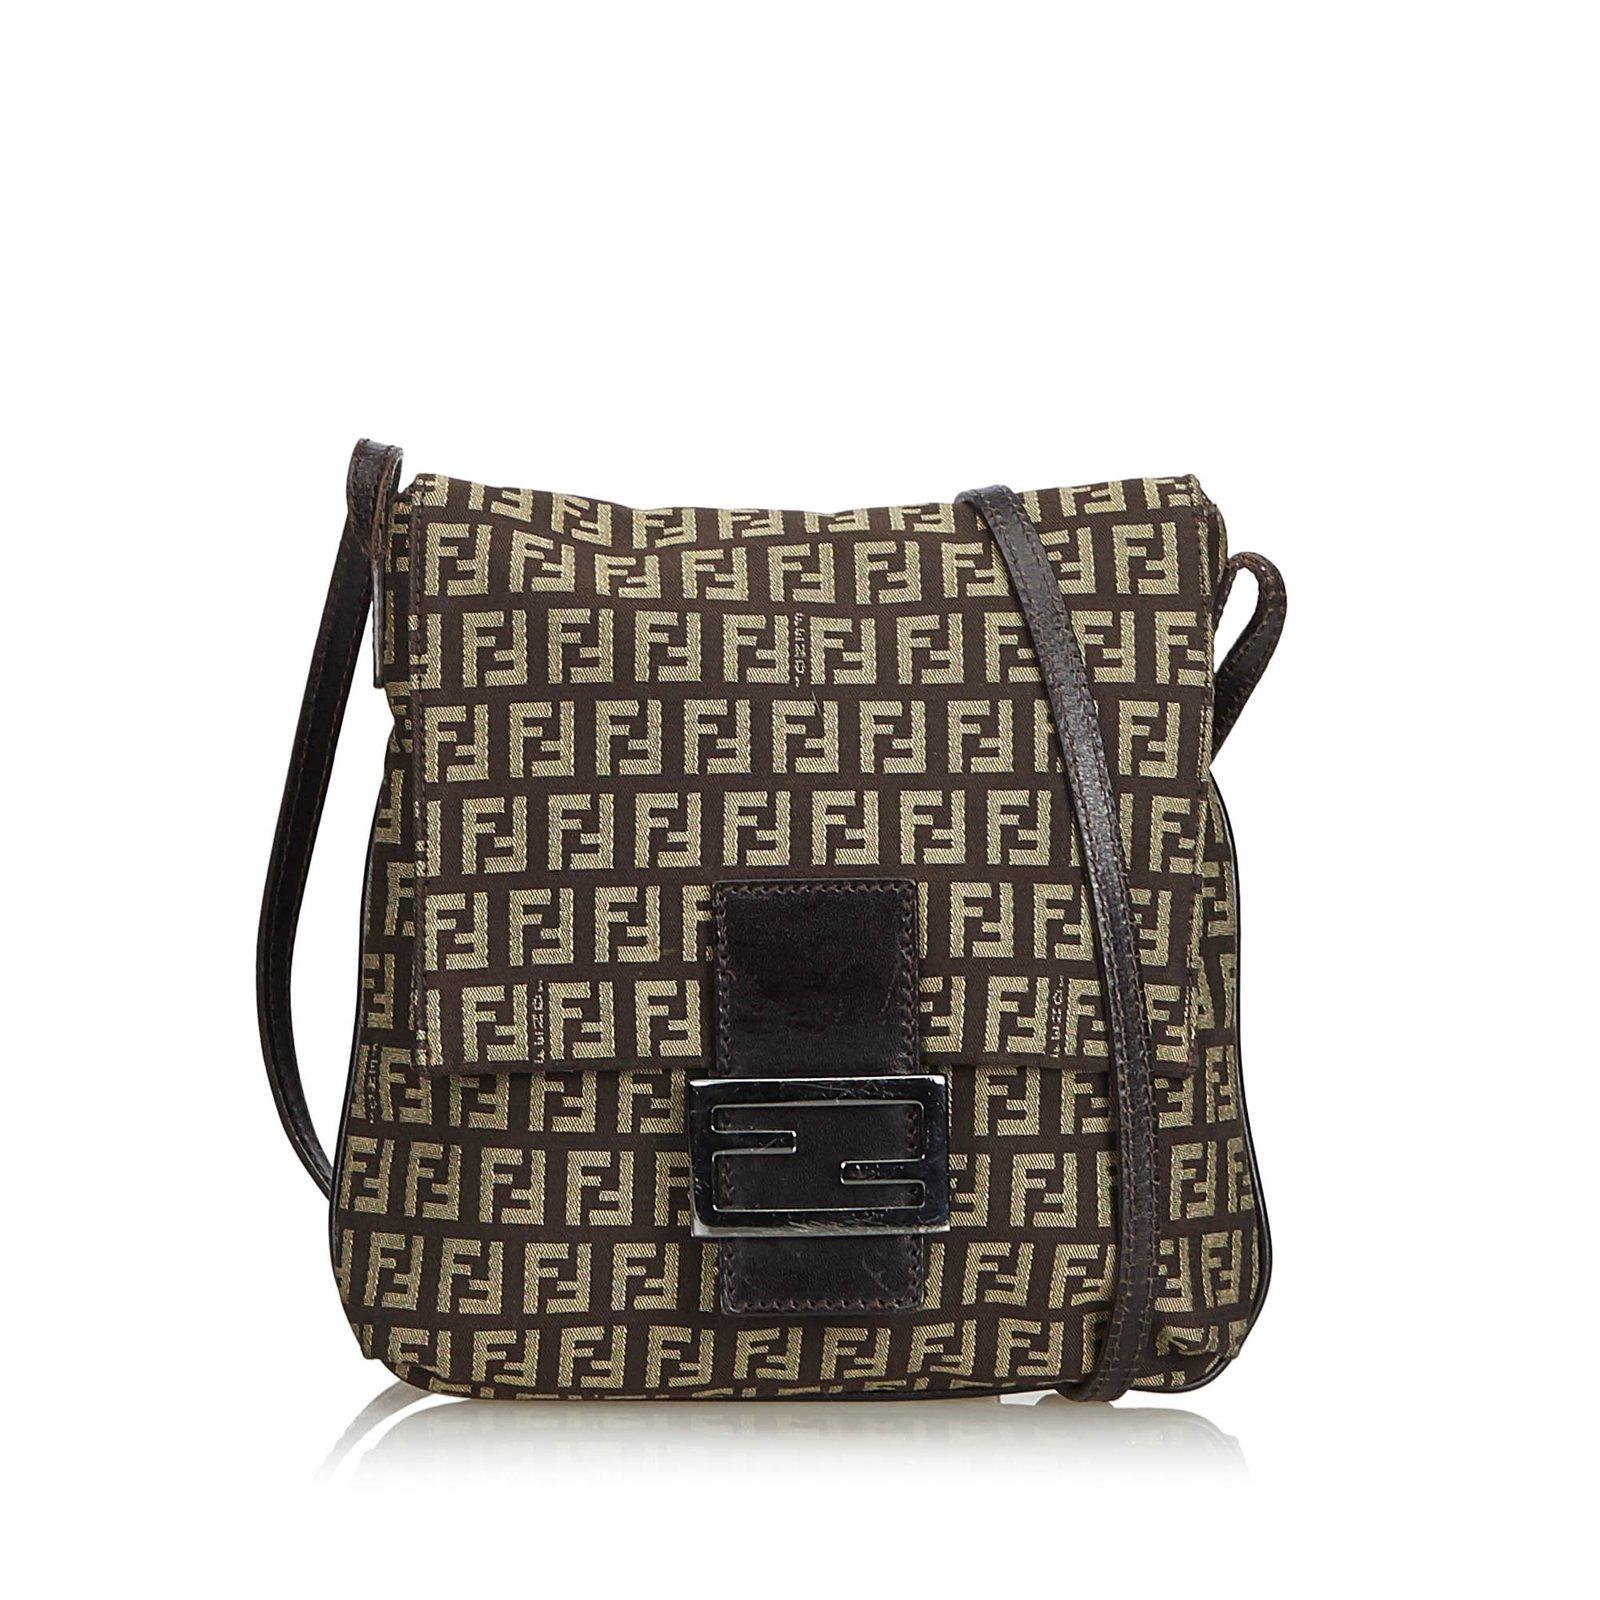 a11da6cfc Fendi Zucchino Canvas Crossbody Bag Handbags Leather,Other,Cloth,Cloth Brown  ref.